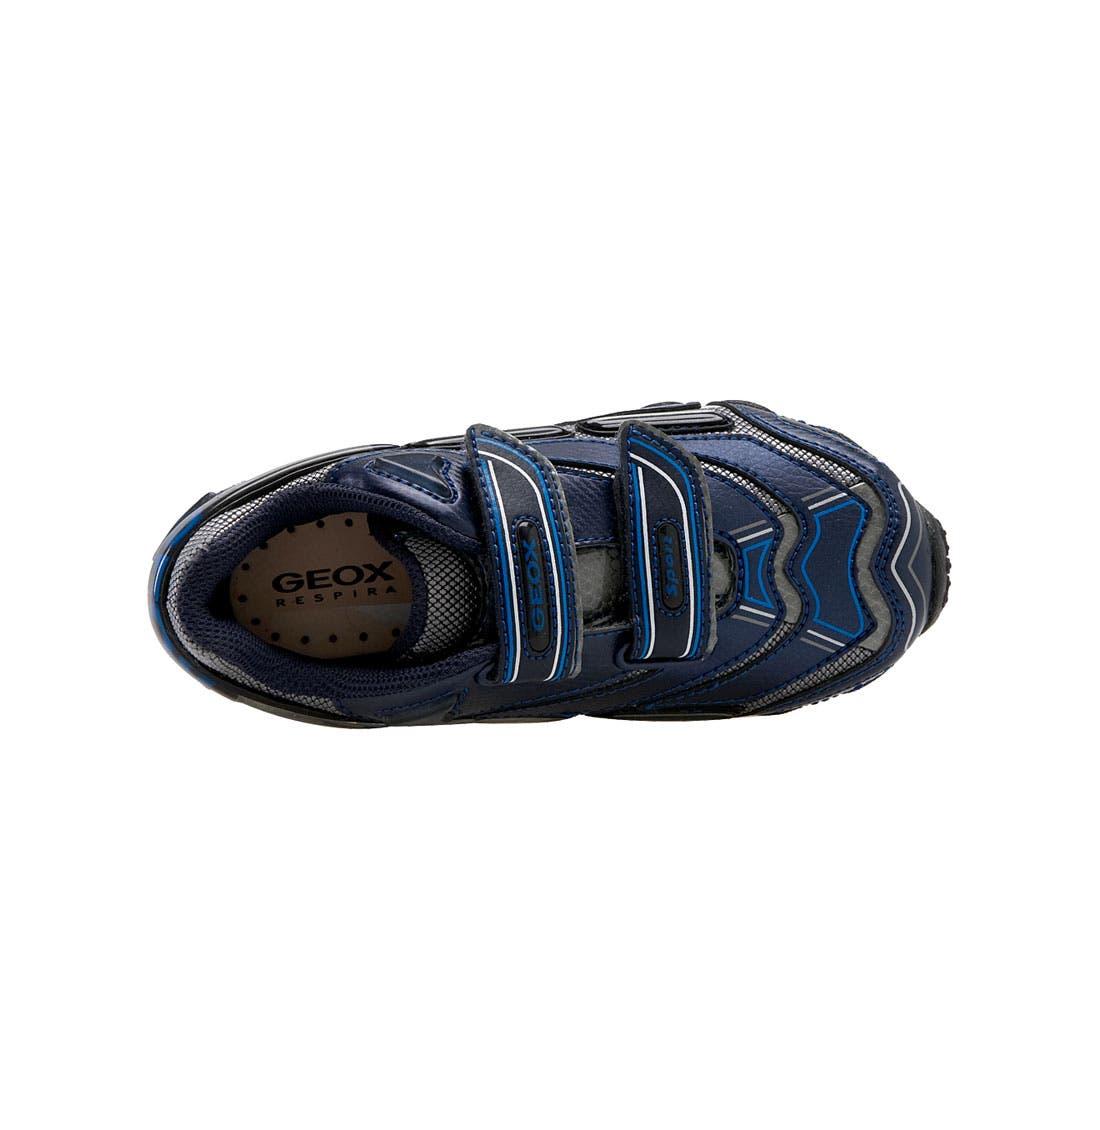 Alternate Image 3  - Geox 'Tornado' Sneaker (Toddler, Little Kid & Big Kid)